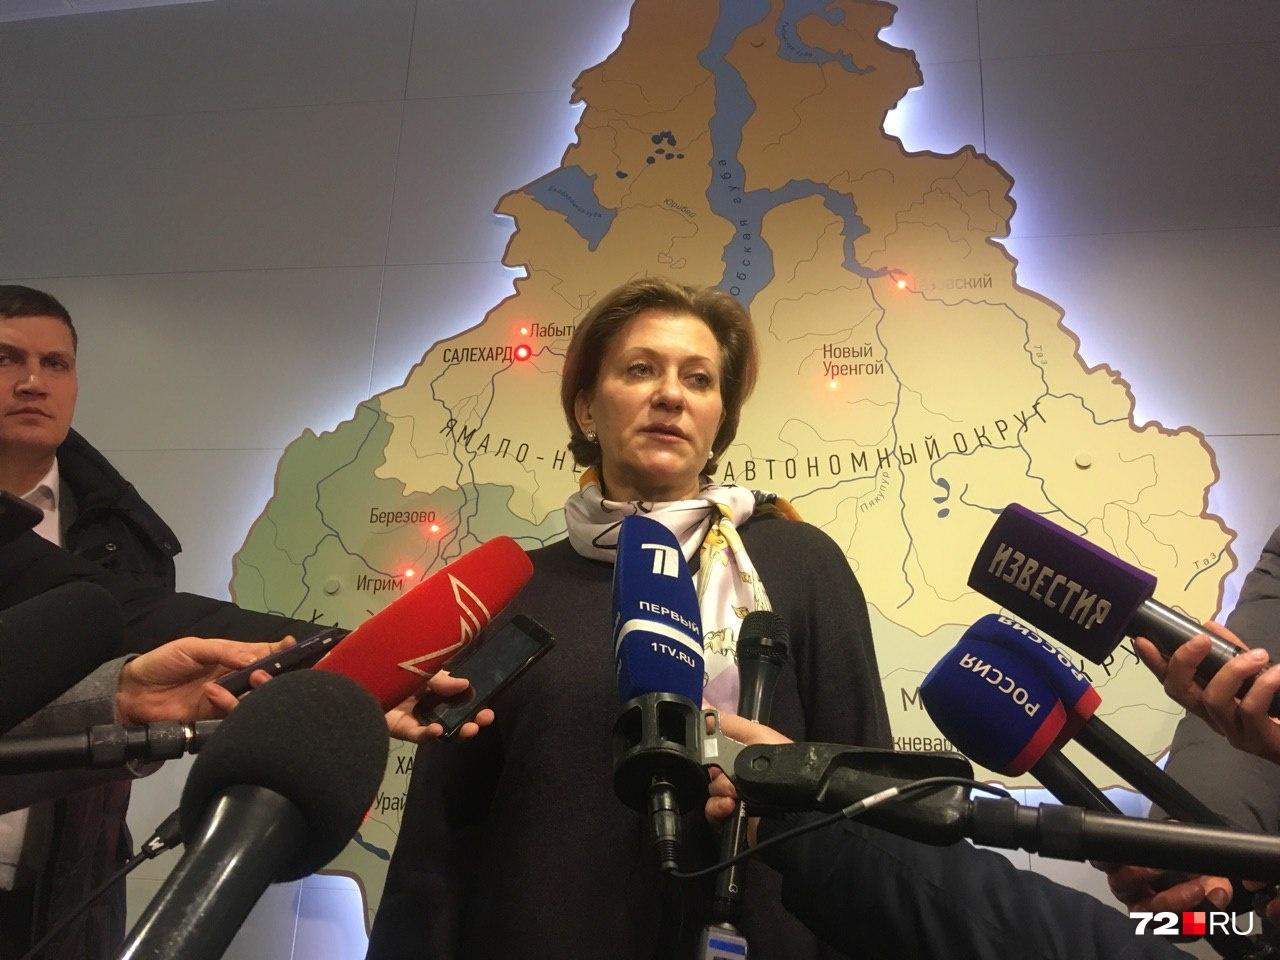 Глава Роспотребнадзора Анна Попова прилетела в Тюмень вечером вчера, 5 февраля